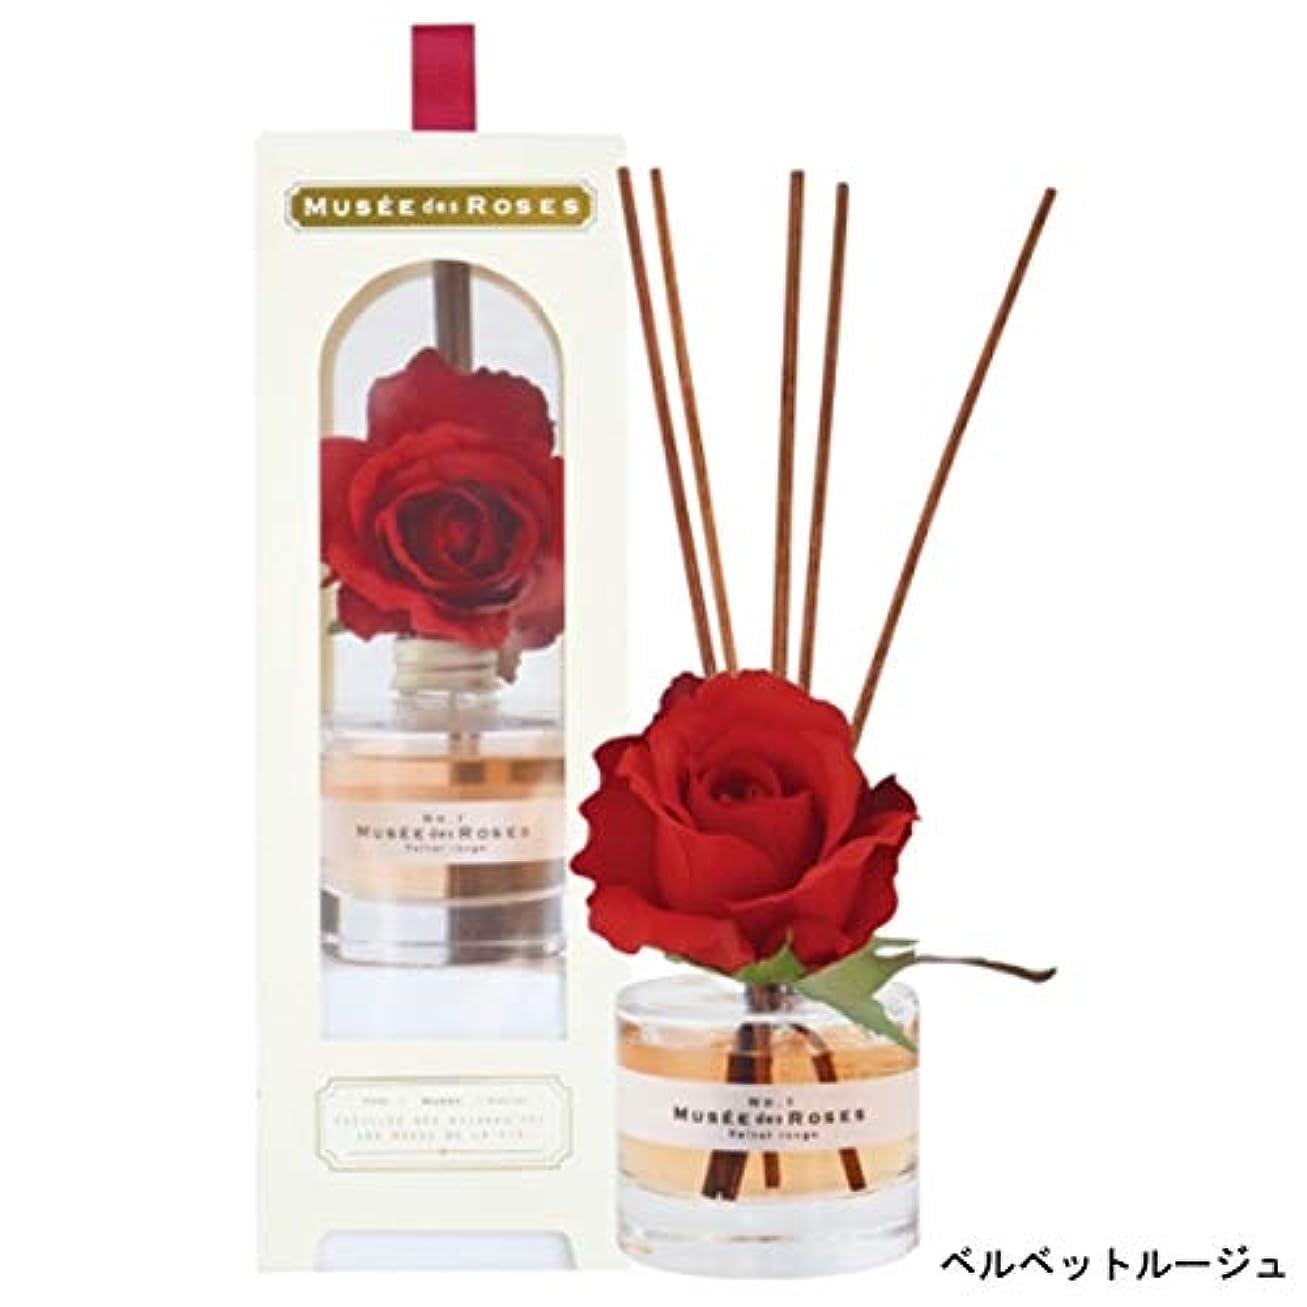 美徳マスタードヒットミュゼドローズ フラワーディフューザー バラ(造花)が付いたリードディフューザー (ベルベットルージュ)